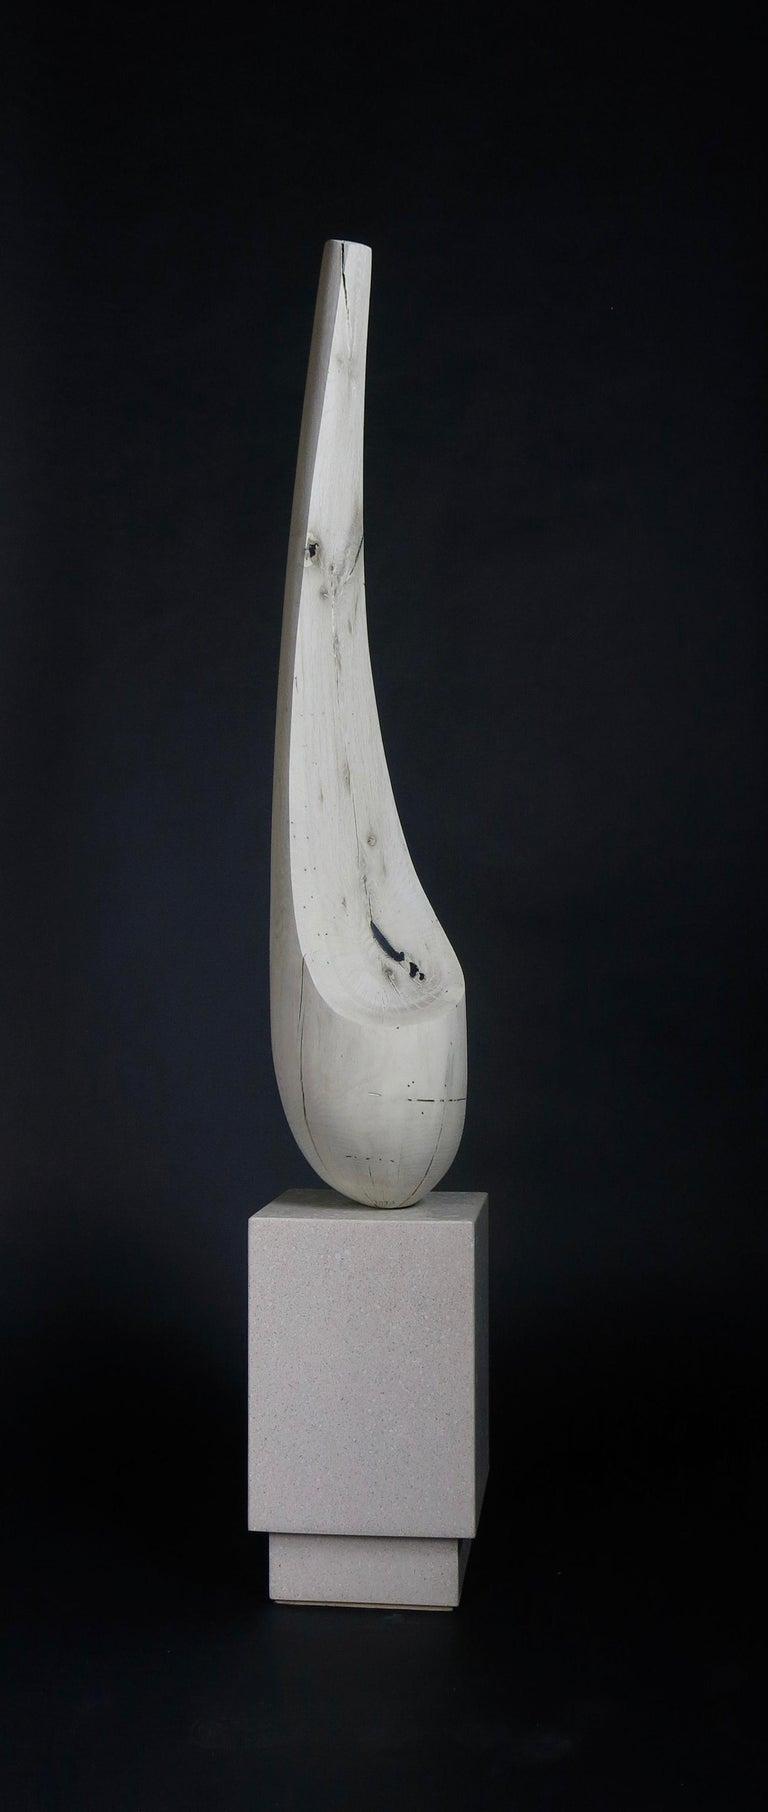 Joel Urruty Still-Life Sculpture - Sassu